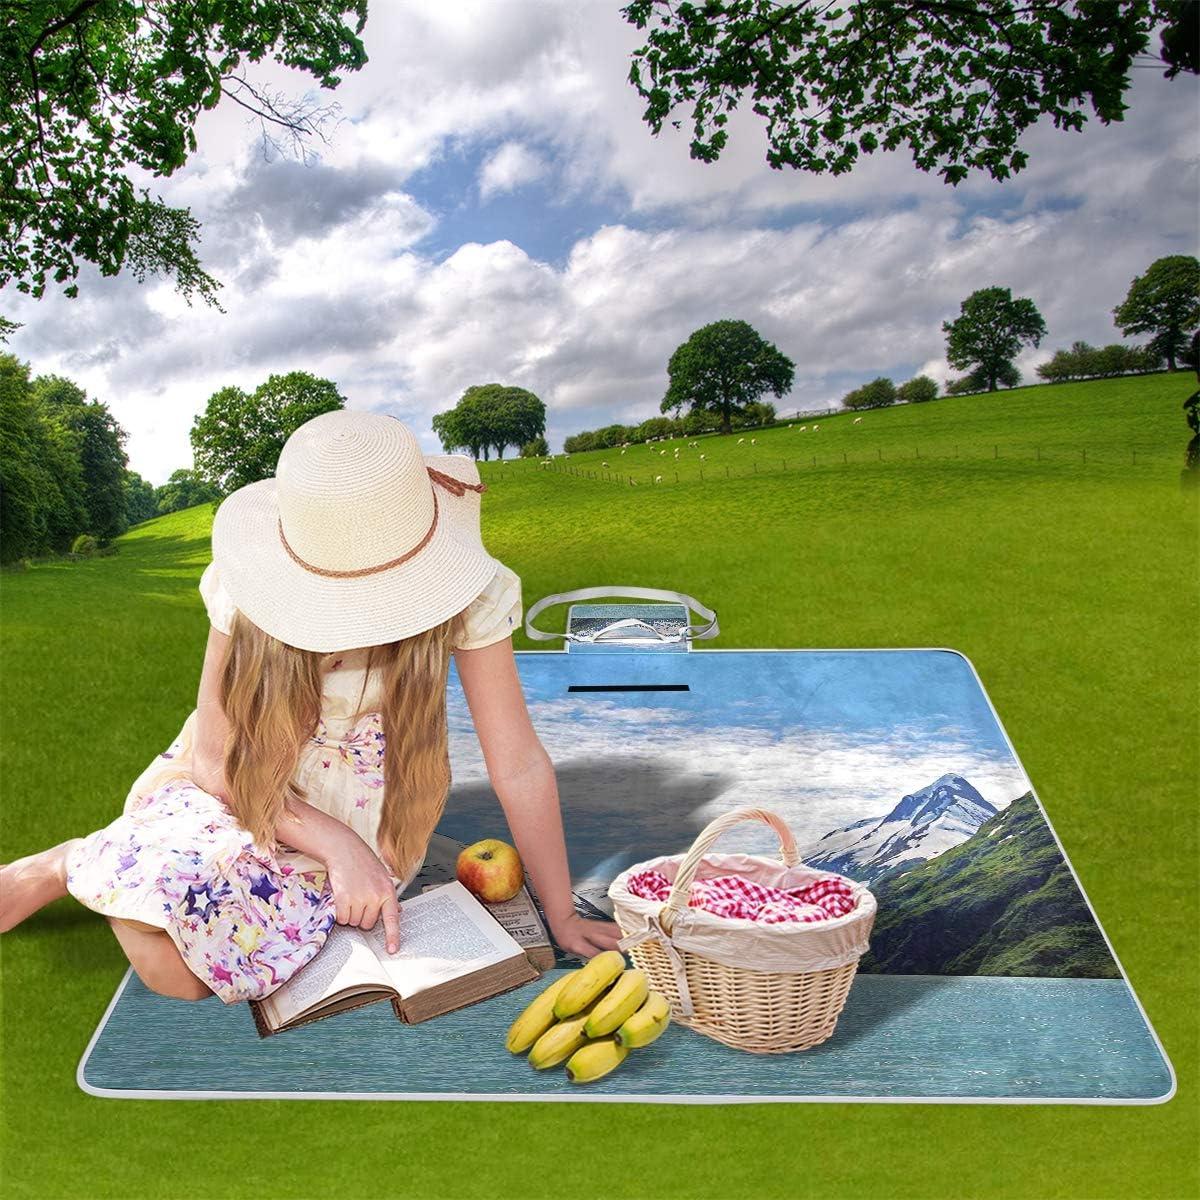 XINGAKA Coperta da Picnic Tappetino Campeggio,Stampa Floreale nordica Chevron Geometrica,Giardino Spiaggia Impermeabile Anti Sabbia 19